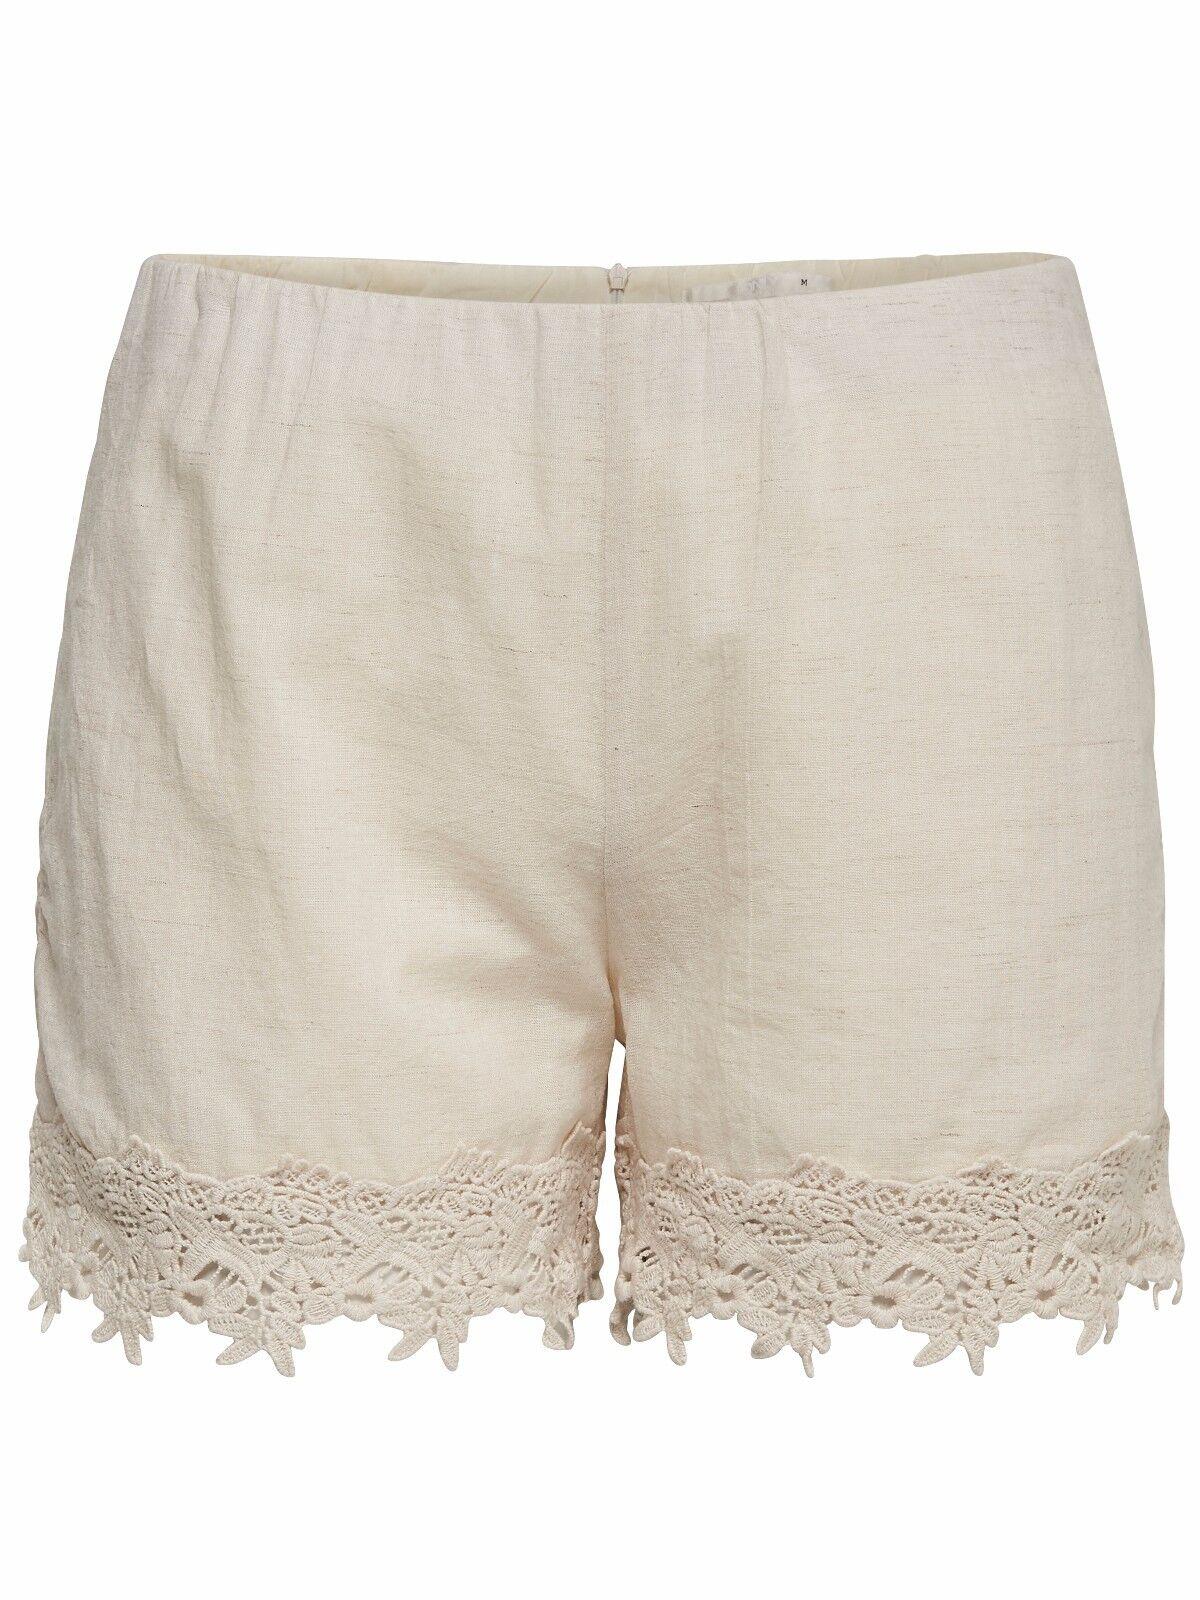 34/4 NEU ONLY Damen Leinen Sommer Hotpant kurze Hose onlRONA LACE SHORTS Gr.M